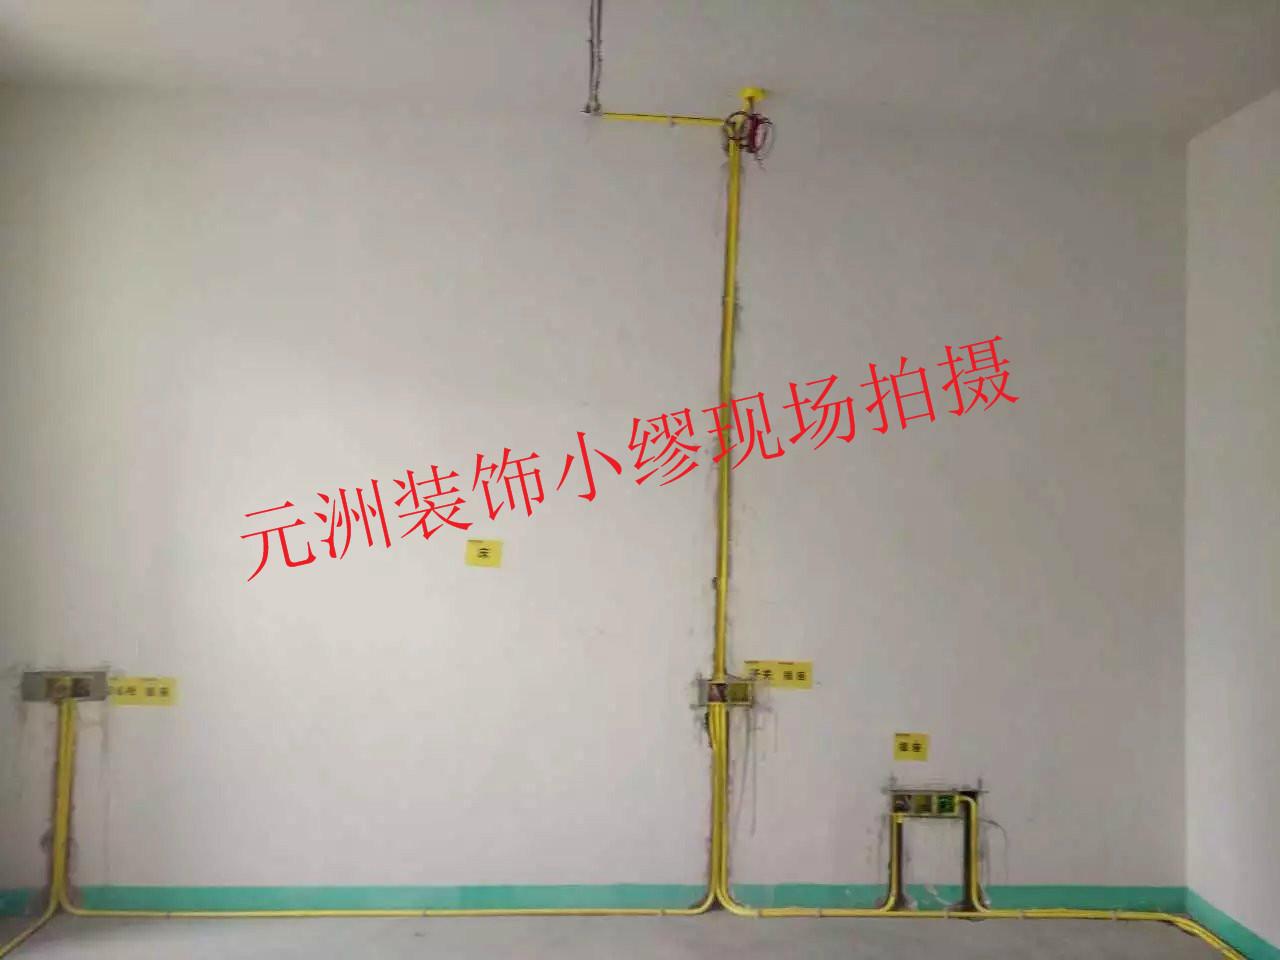 元洲水电路改造